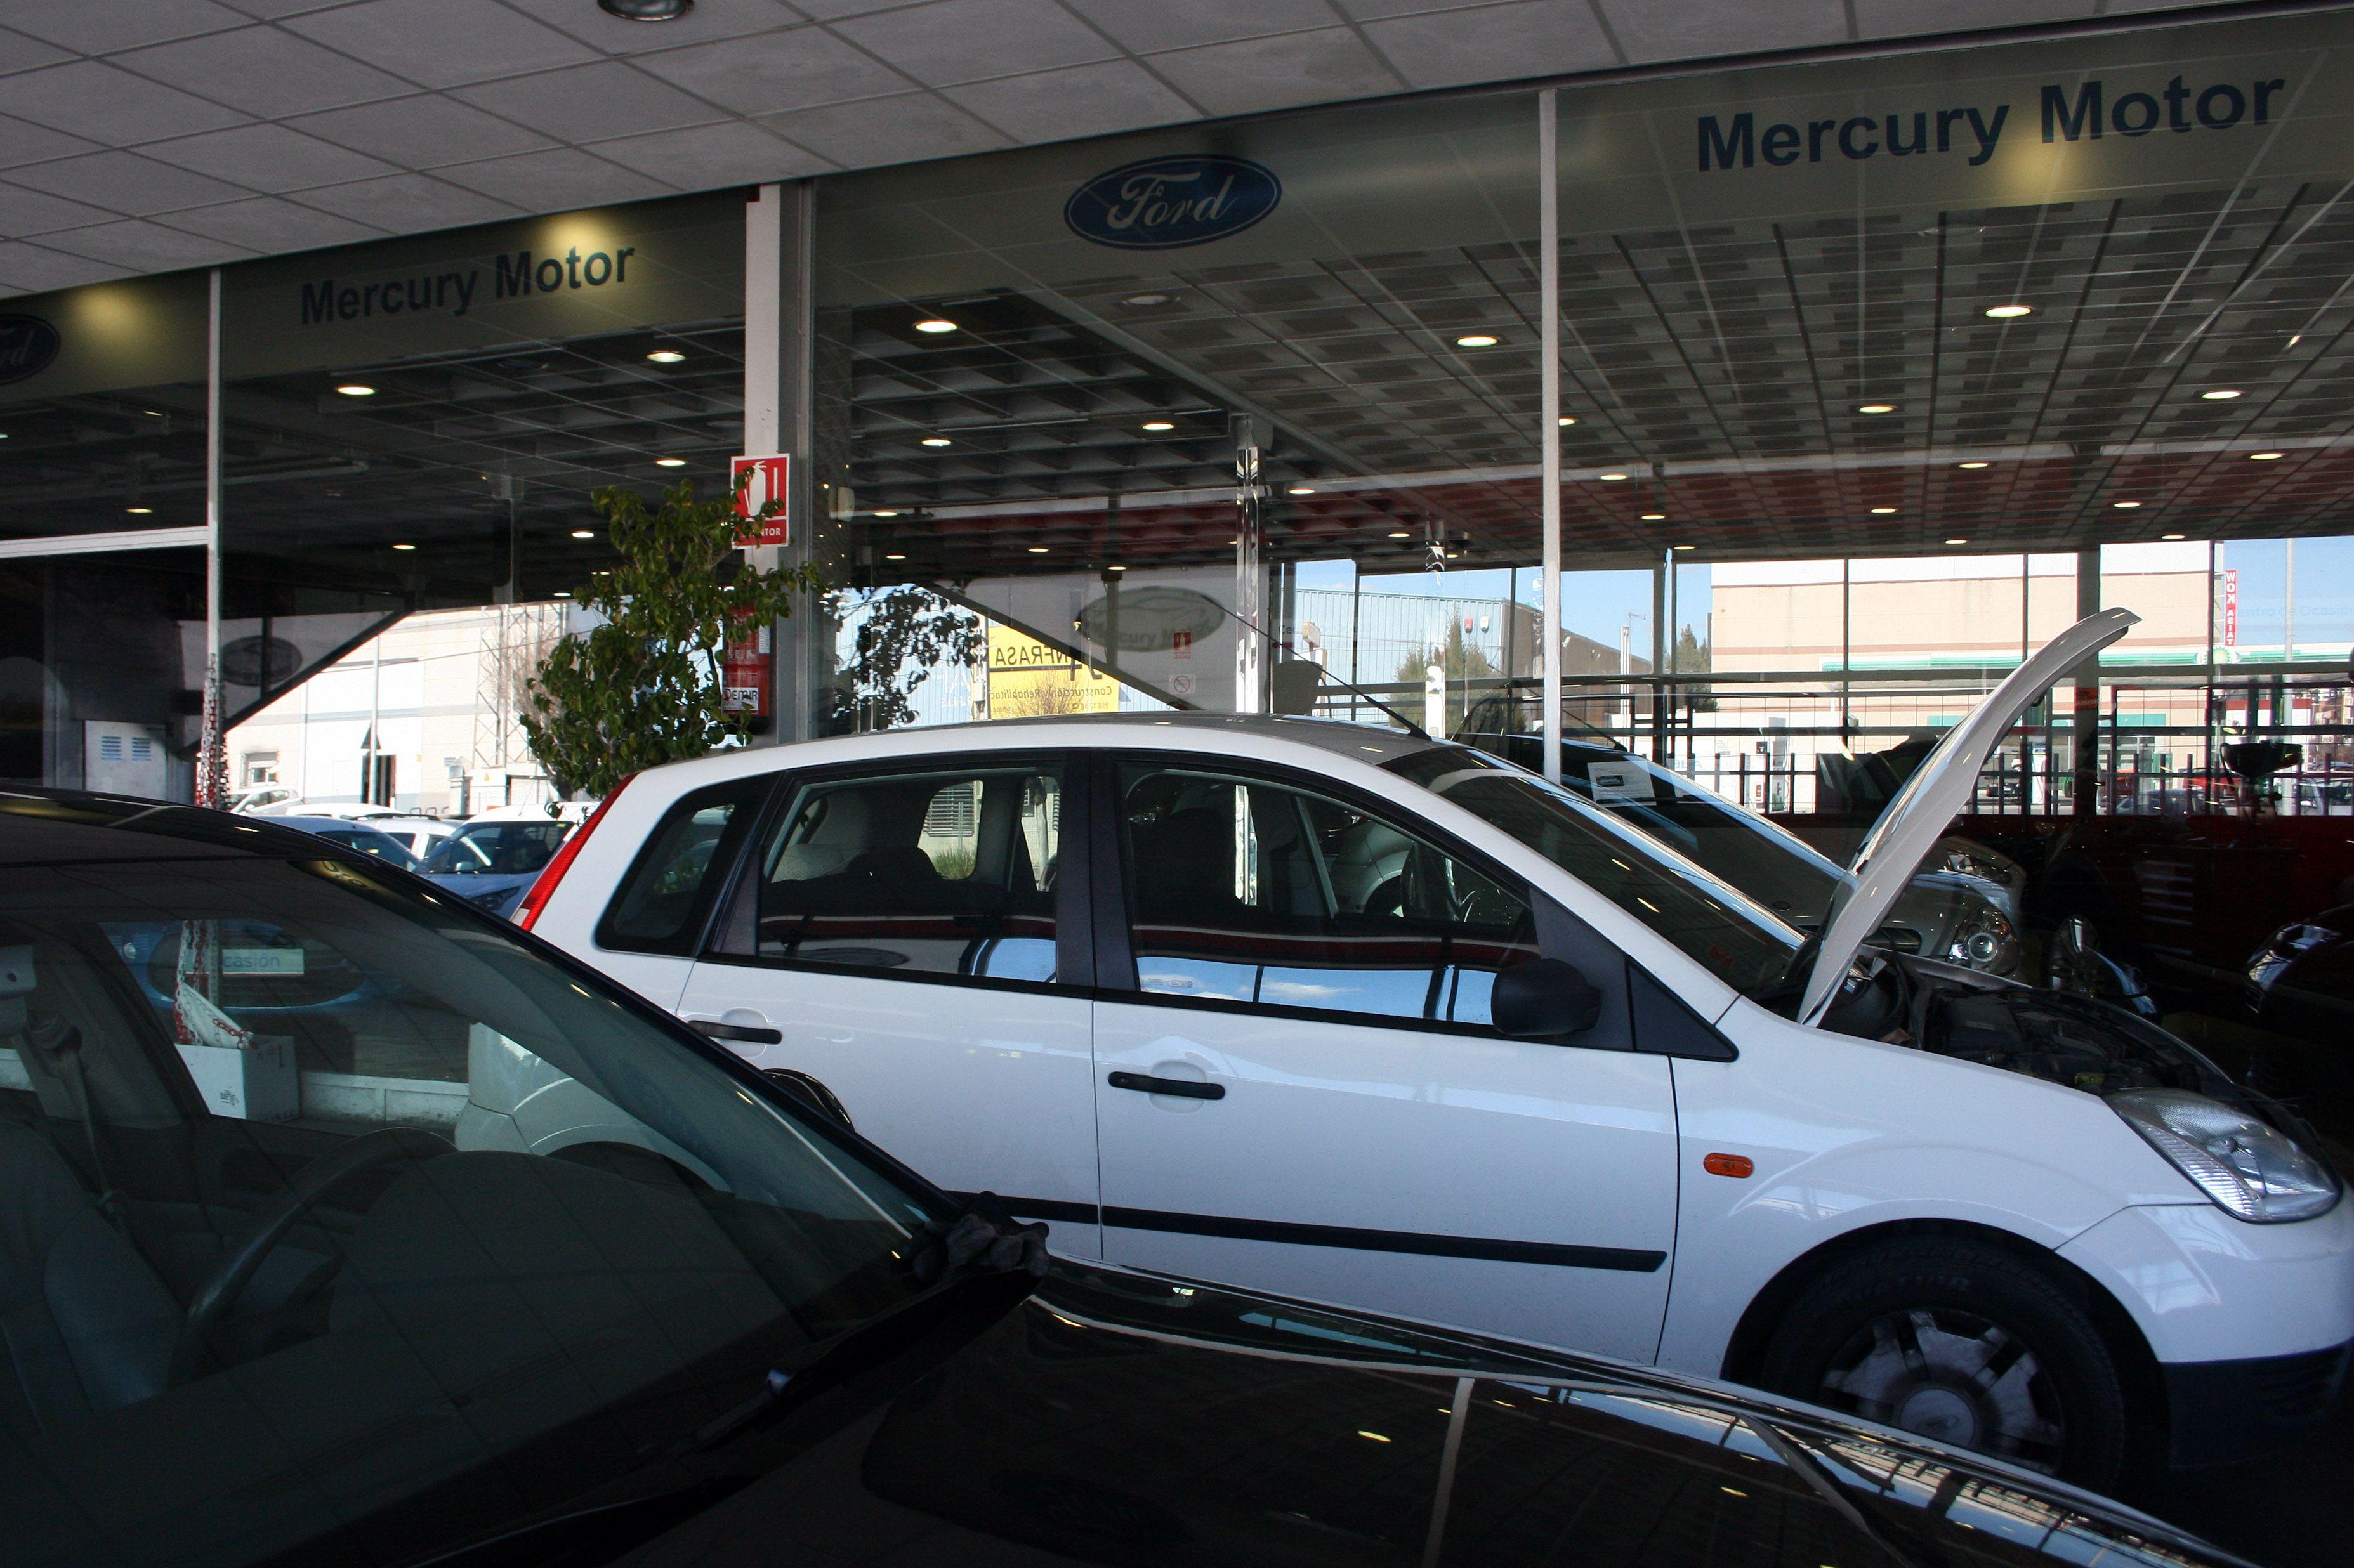 Mercury Motor es un concesionario de coches de Ford